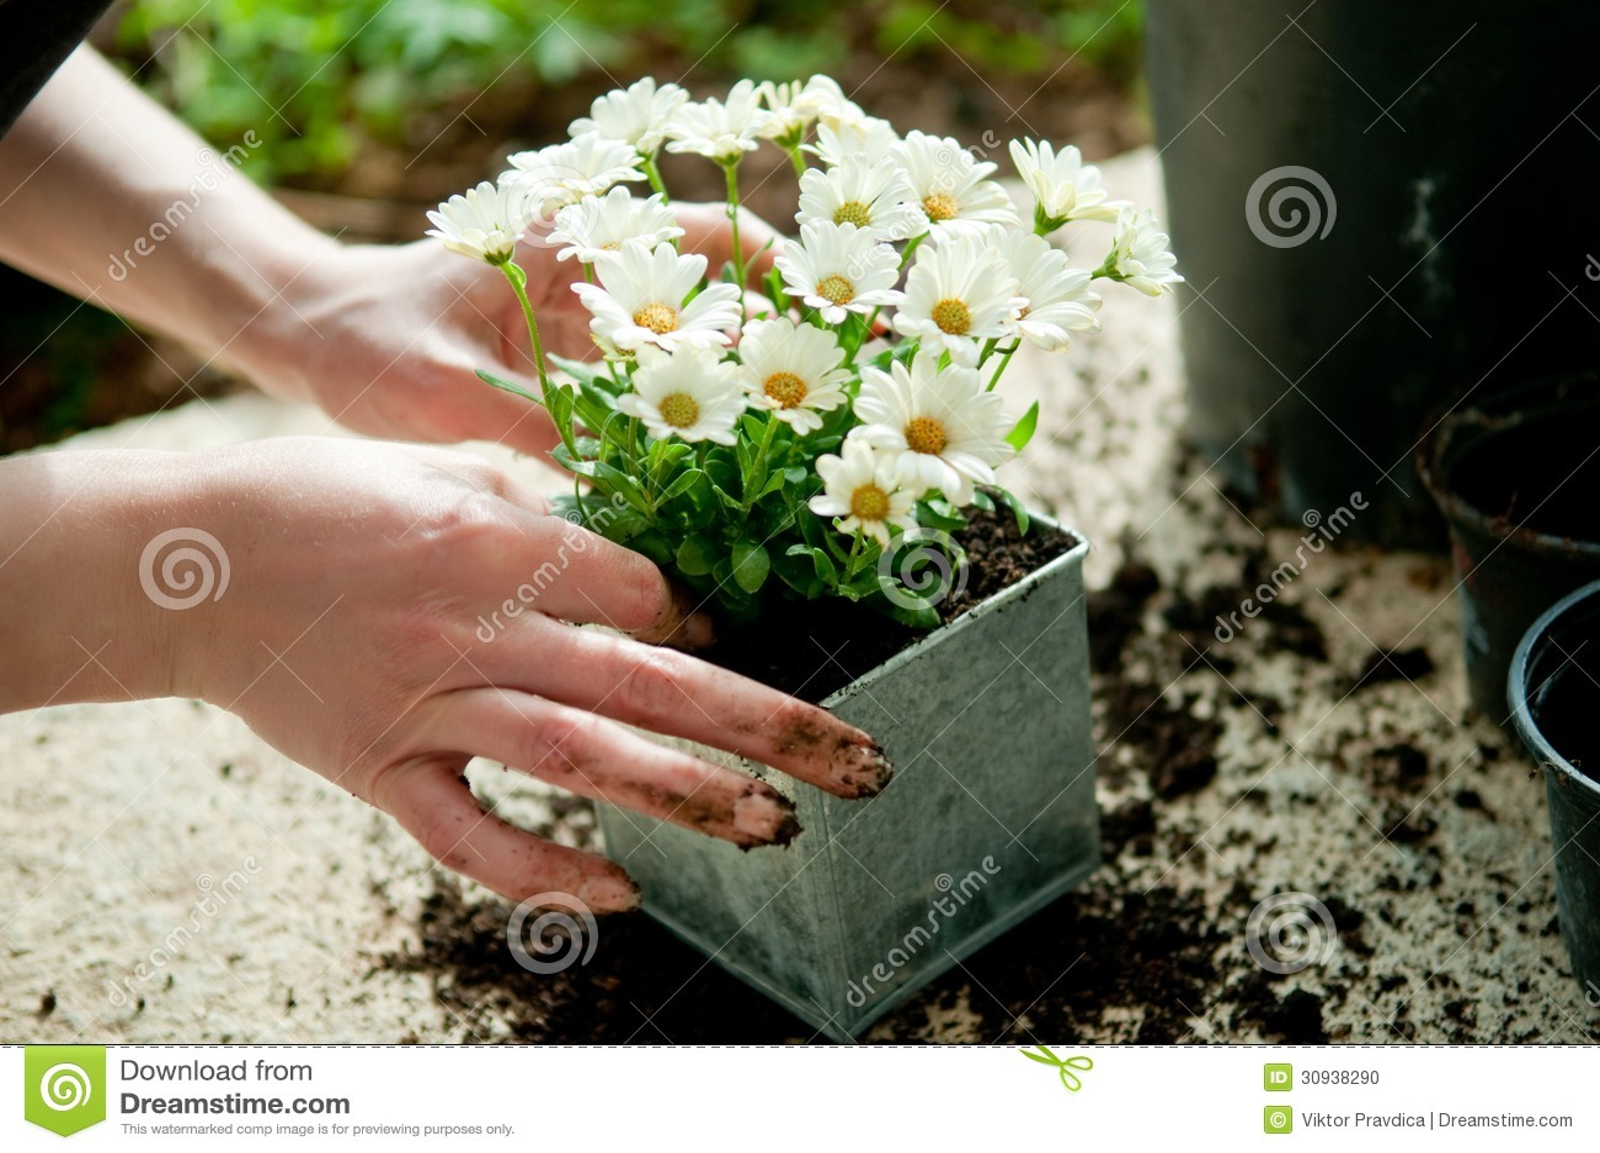 Plantation de la fleur photo stock image 30938290 for Plantation de fleurs